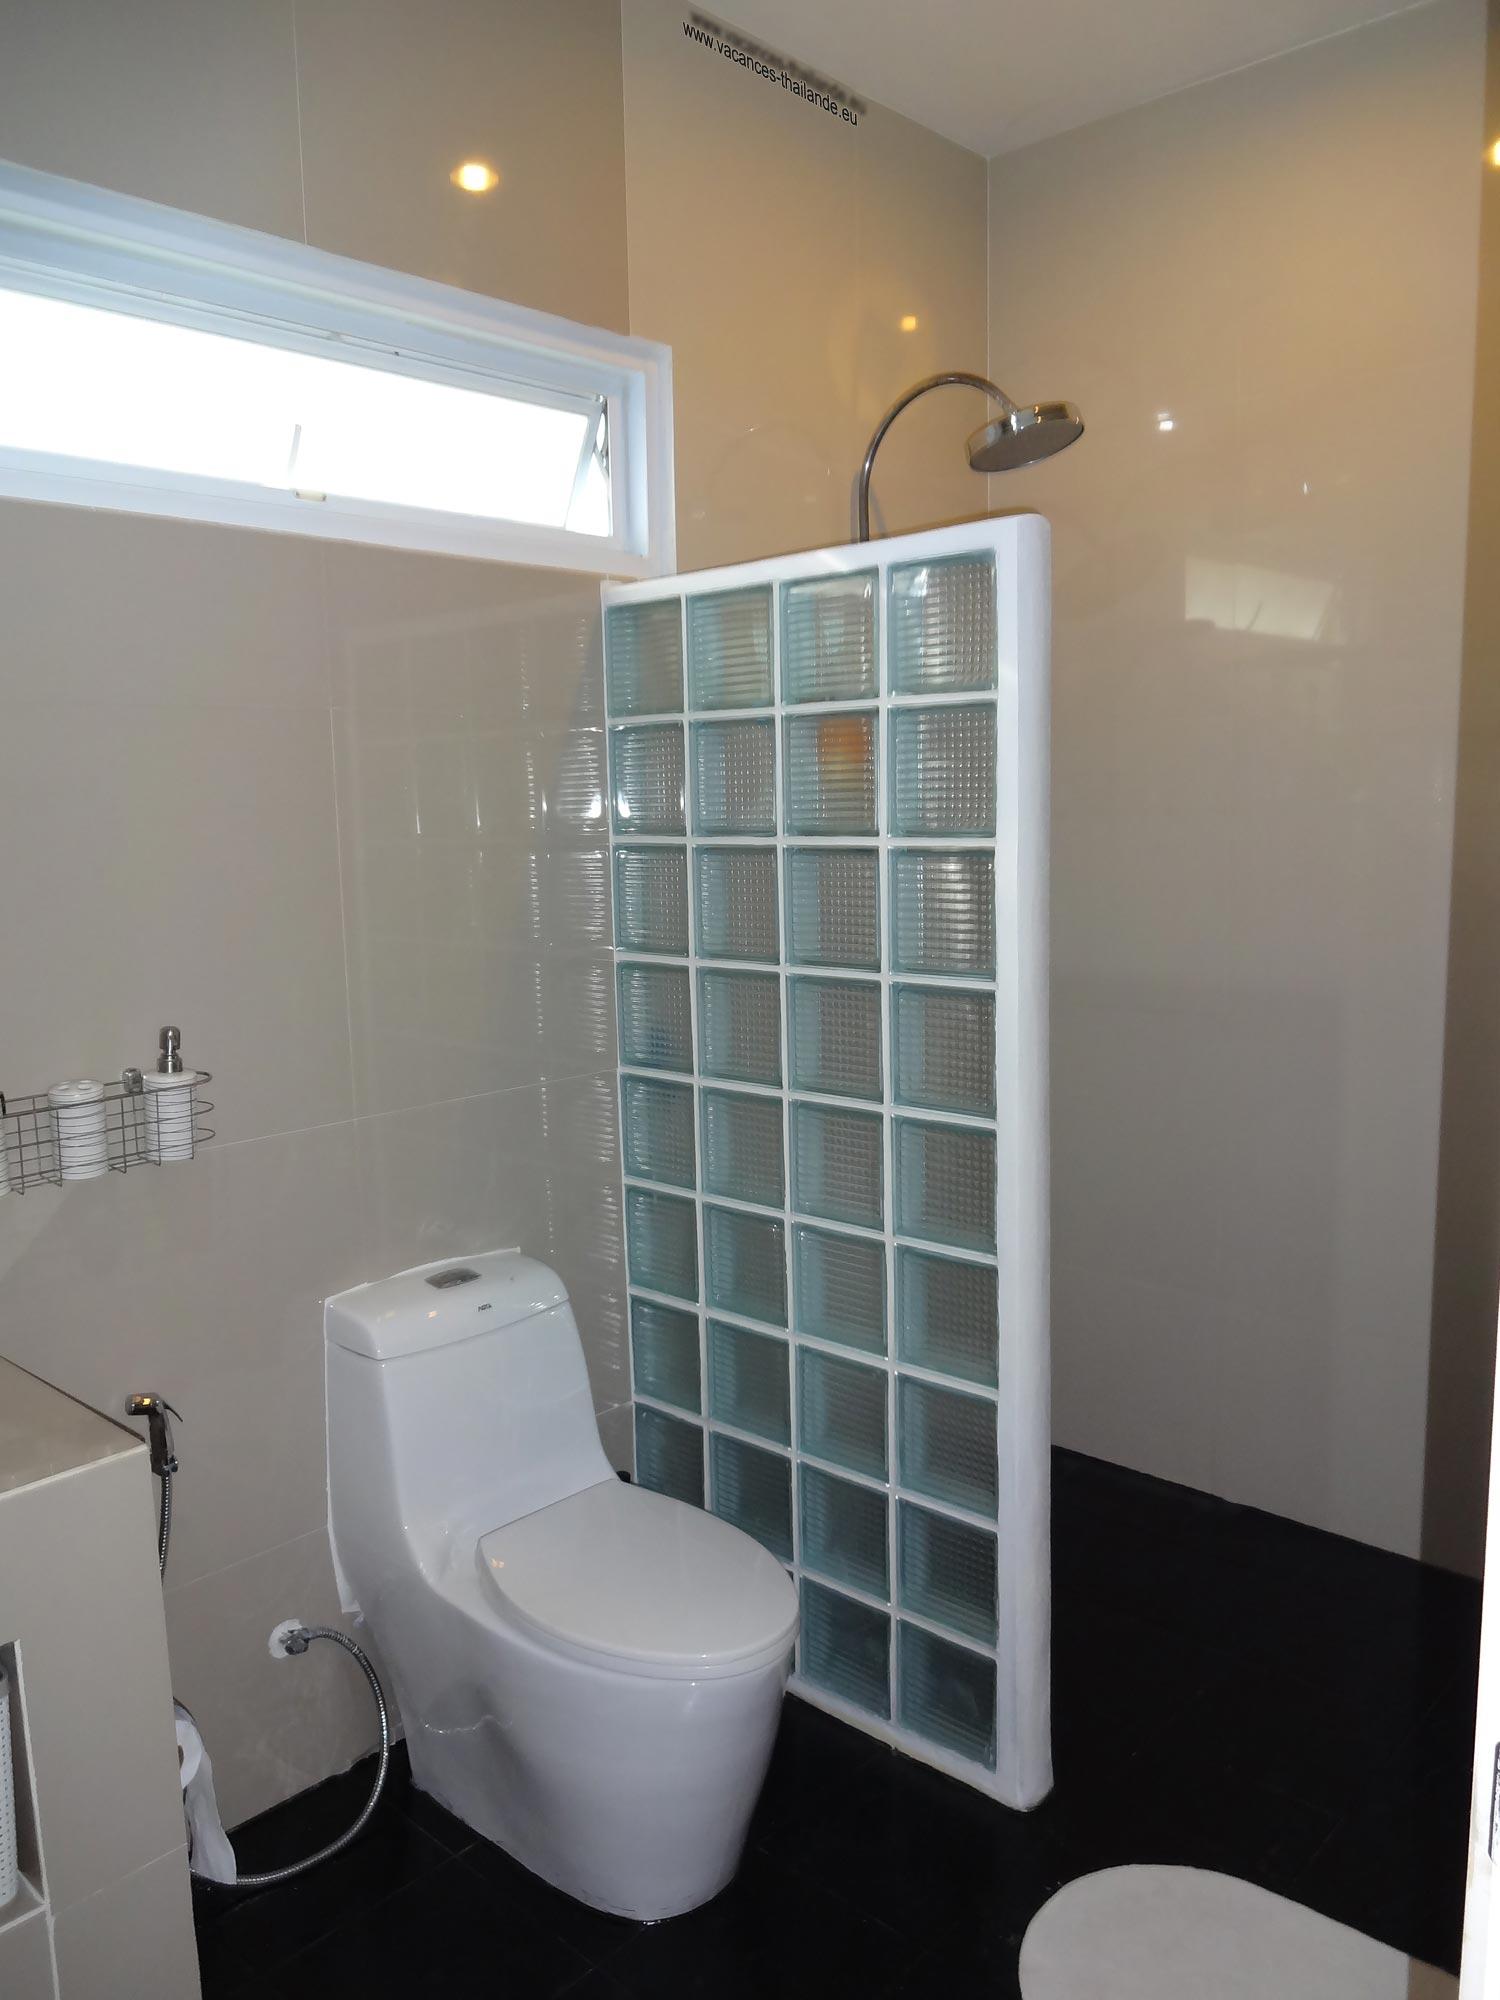 vacances thailande page de la photo 37 salle de bain noire de la chambre queen size mauve a koh. Black Bedroom Furniture Sets. Home Design Ideas